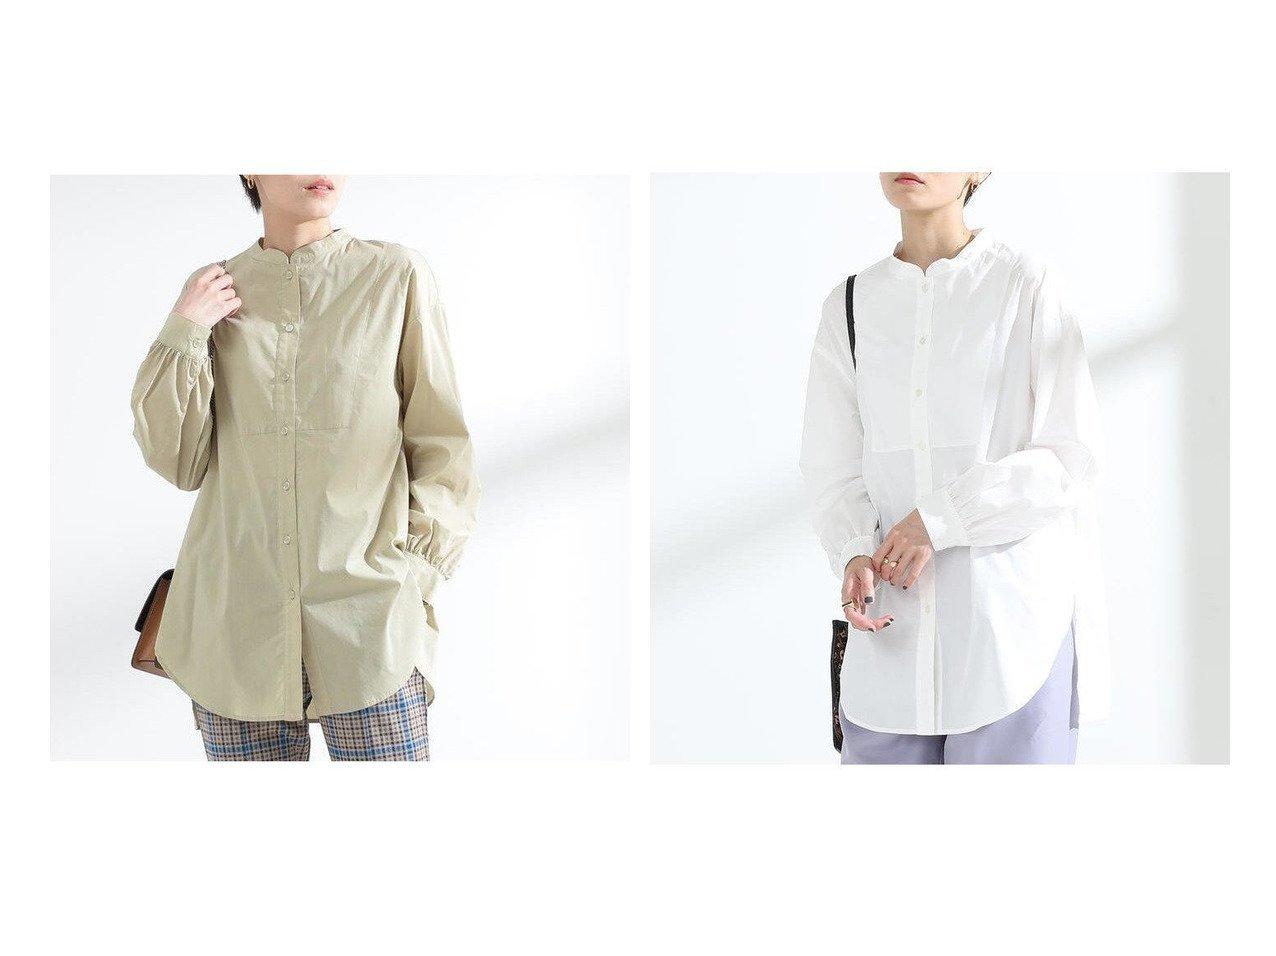 【Ray BEAMS/レイ ビームス】のビブヨーク バンドカラー シャツ BEAMSのおすすめ!人気、トレンド・レディースファッションの通販 おすすめで人気の流行・トレンド、ファッションの通販商品 メンズファッション・キッズファッション・インテリア・家具・レディースファッション・服の通販 founy(ファニー) https://founy.com/ ファッション Fashion レディースファッション WOMEN トップス Tops Tshirt シャツ/ブラウス Shirts Blouses NEW・新作・新着・新入荷 New Arrivals ギャザー フロント |ID:crp329100000017070